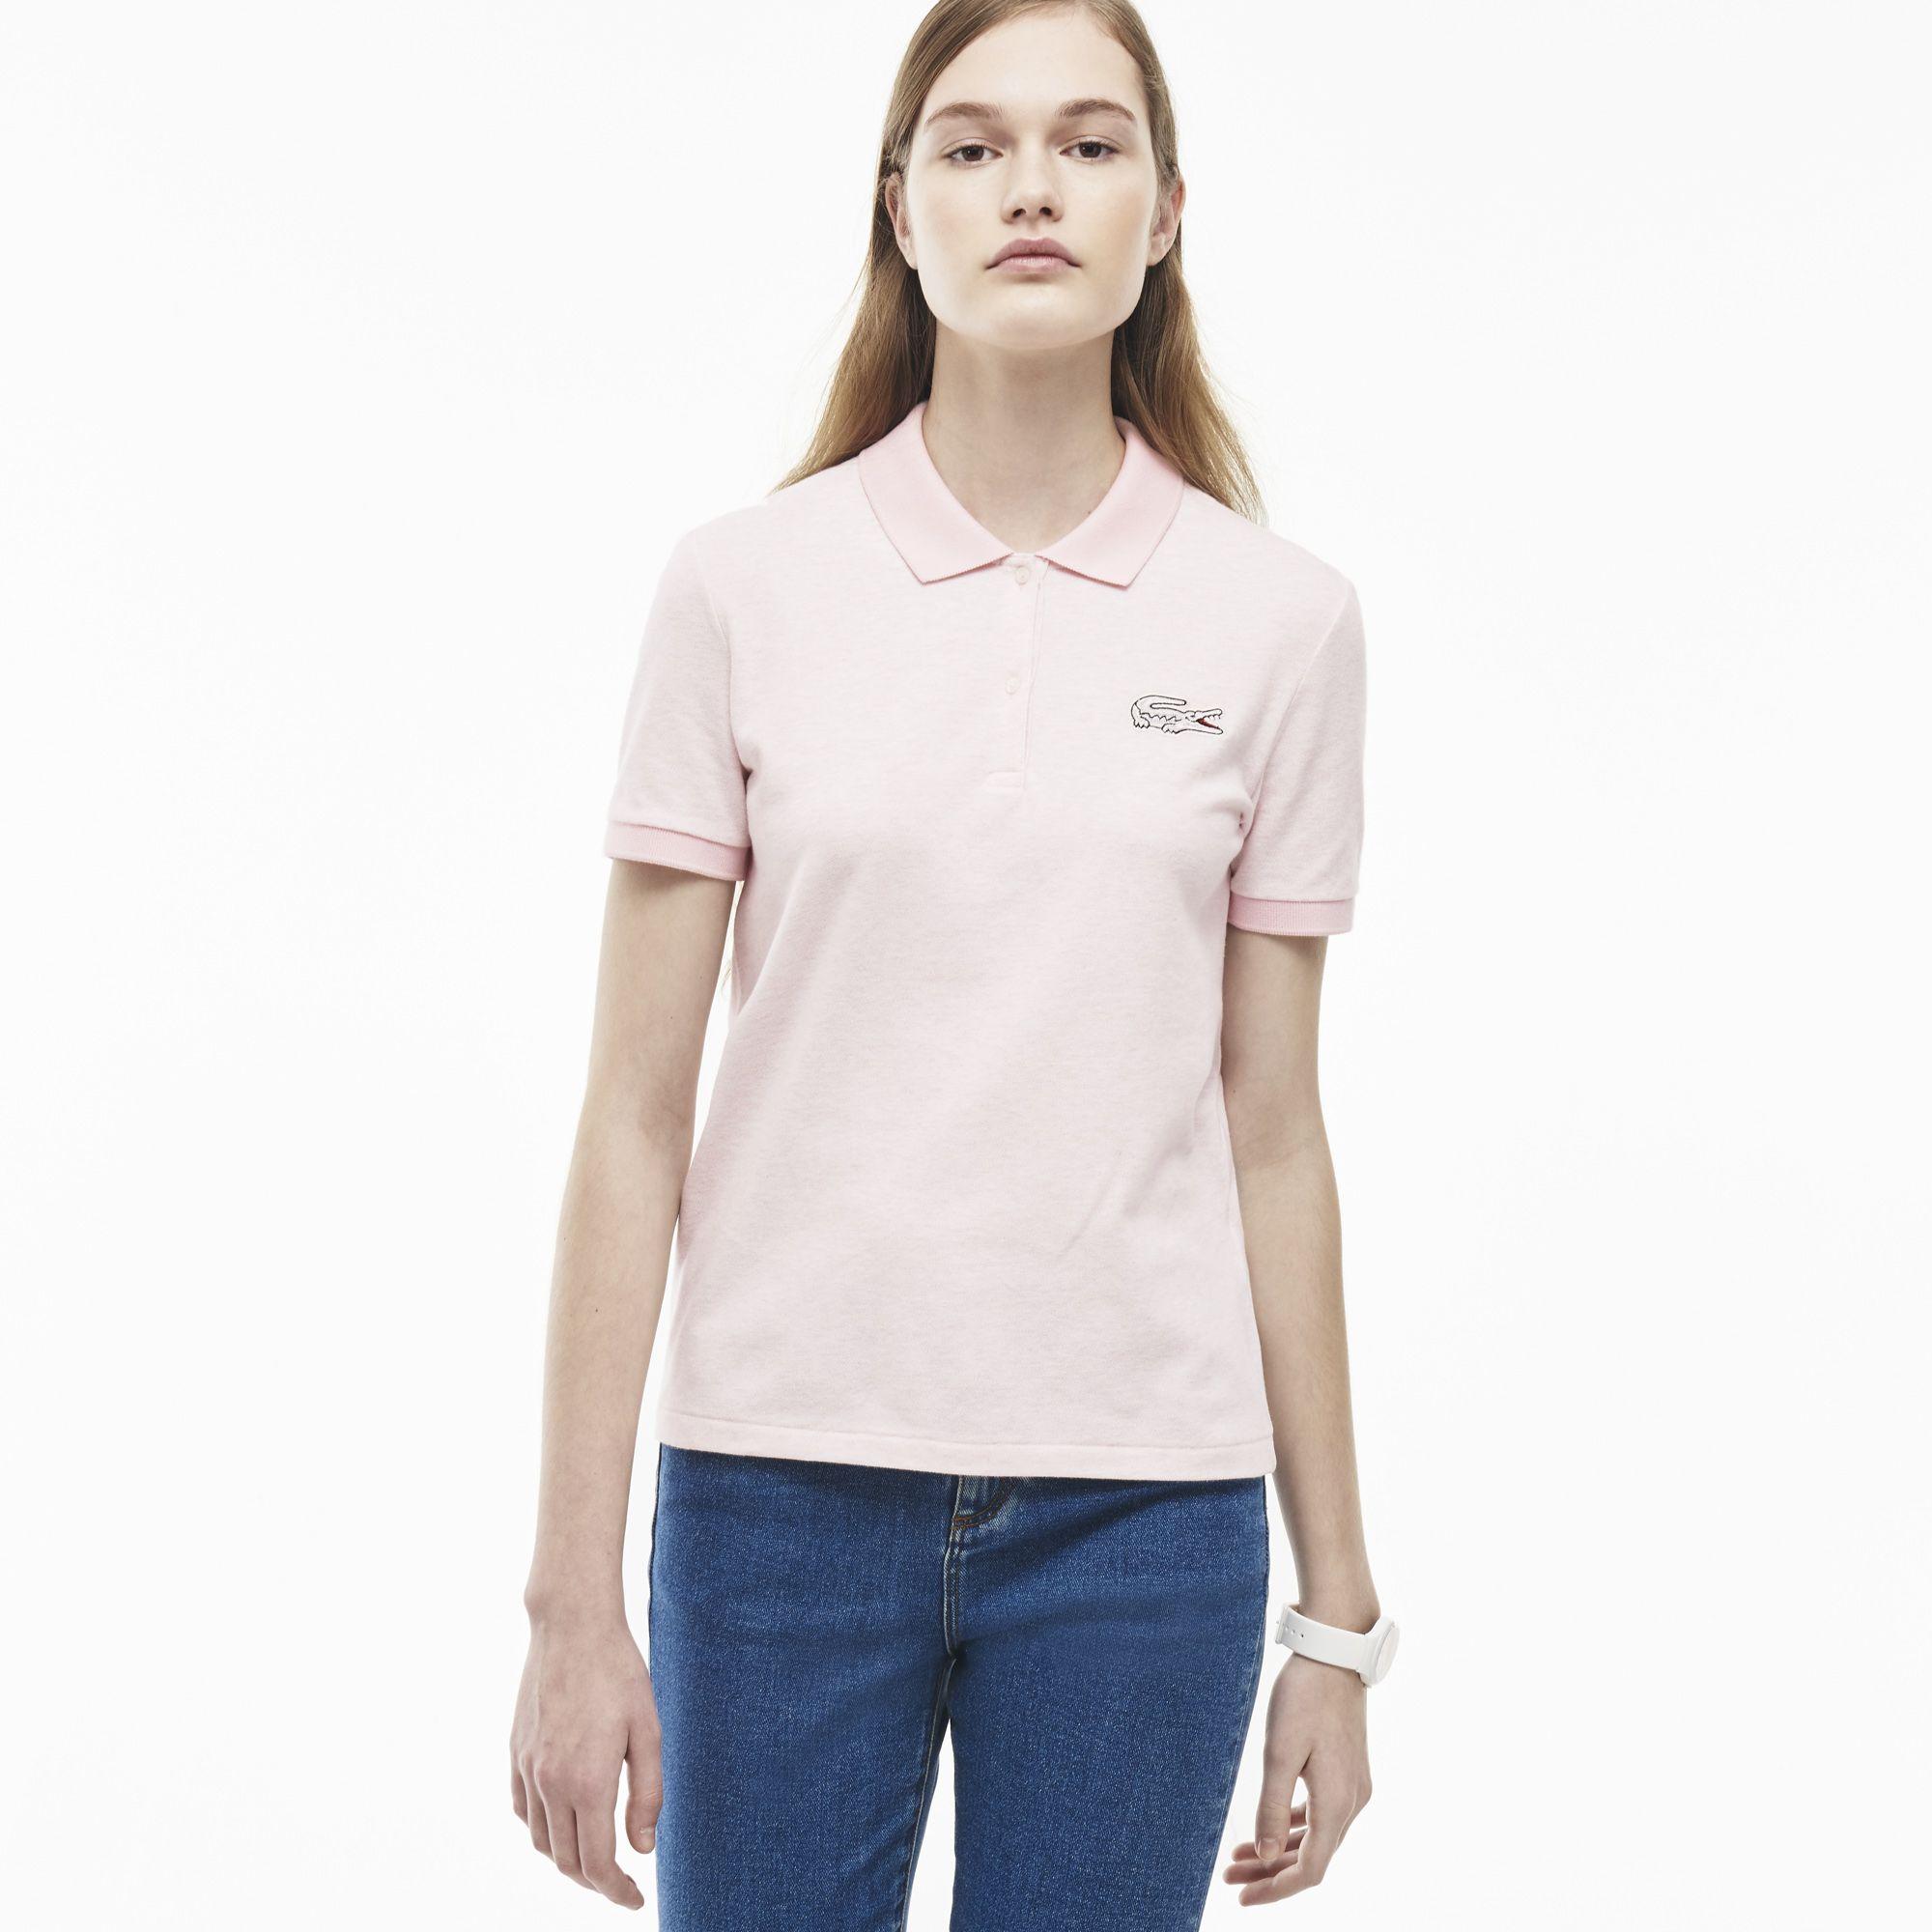 Superfeminino, este polo Lacoste Live confecionado em mini piqué de algodão  stretch é ornamentado por b4639cad83